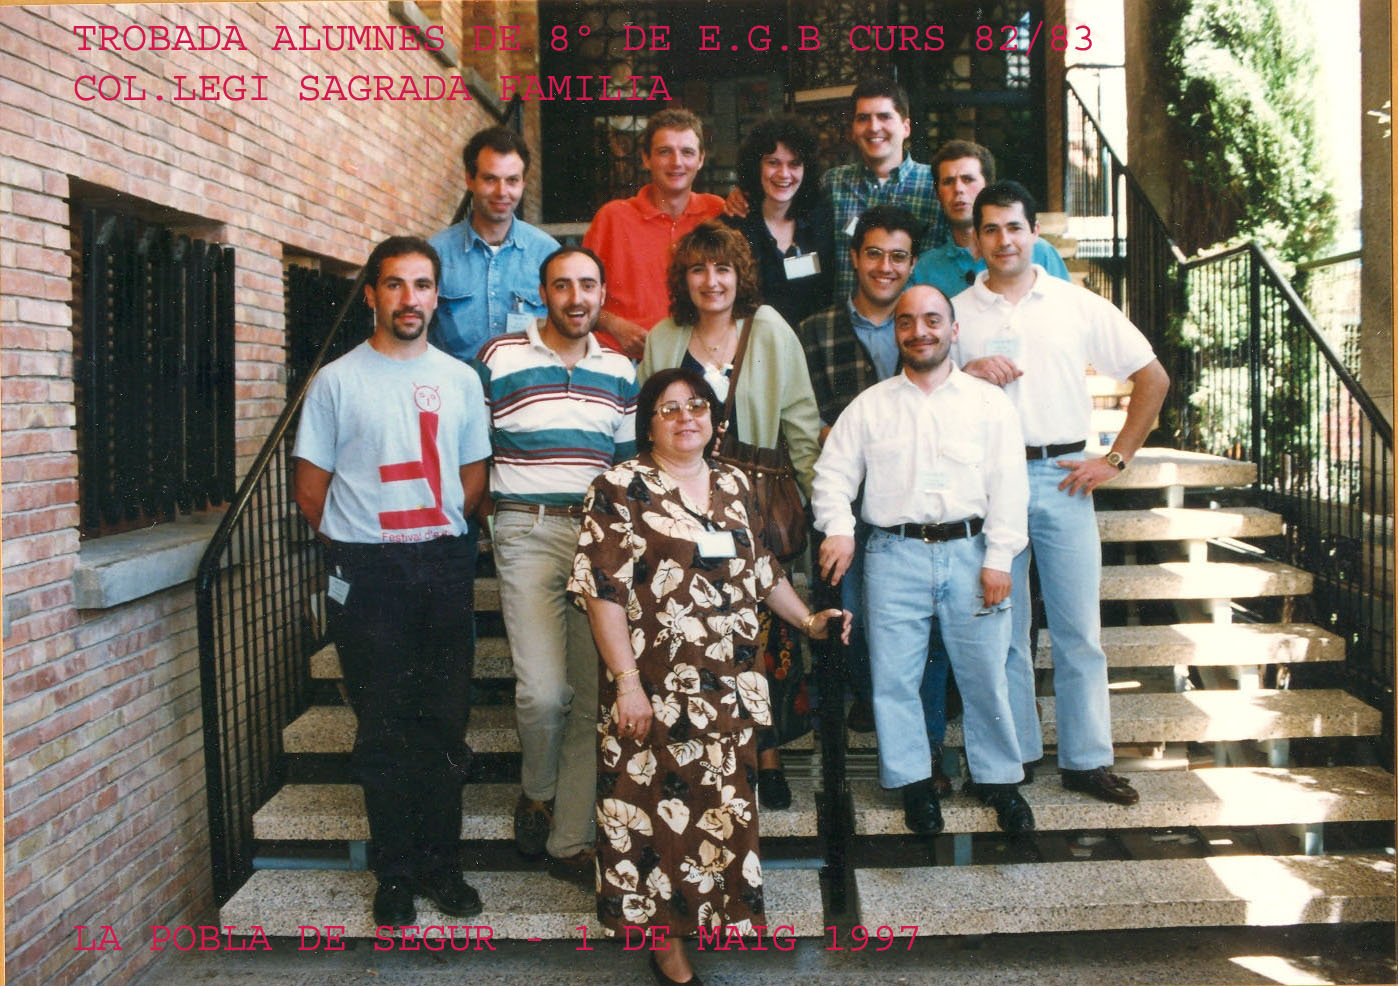 Trobada alumnes 1997